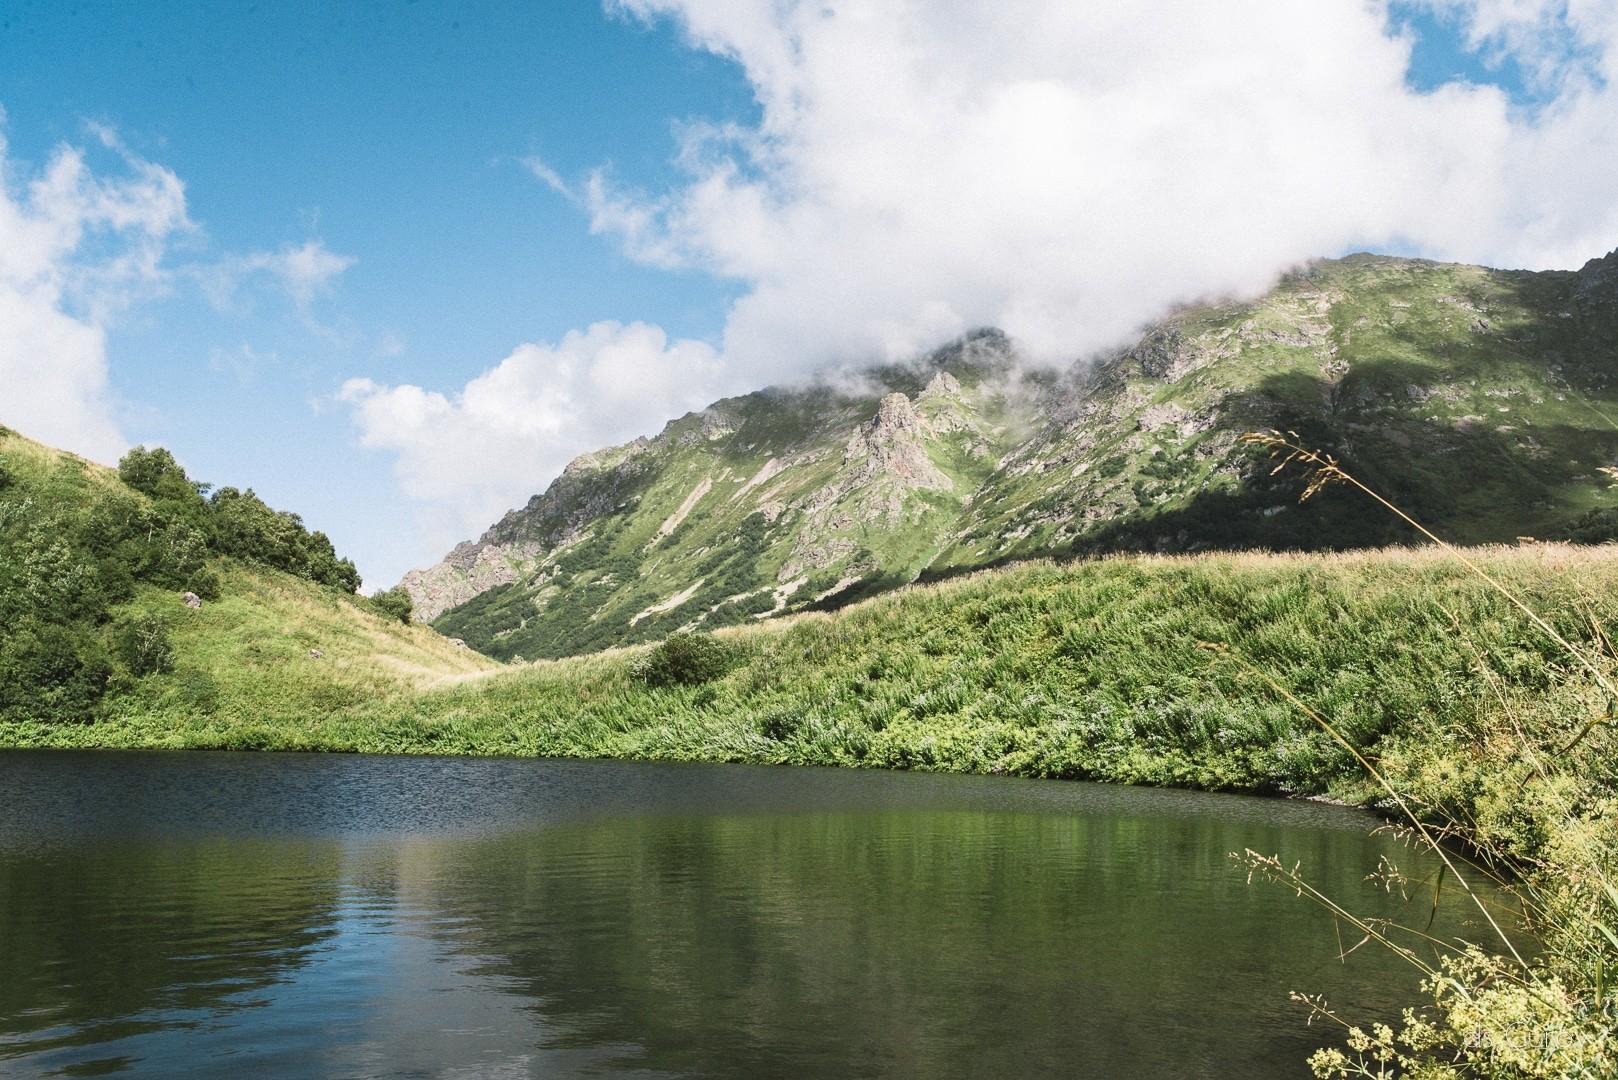 озеро Малое Бзерпи